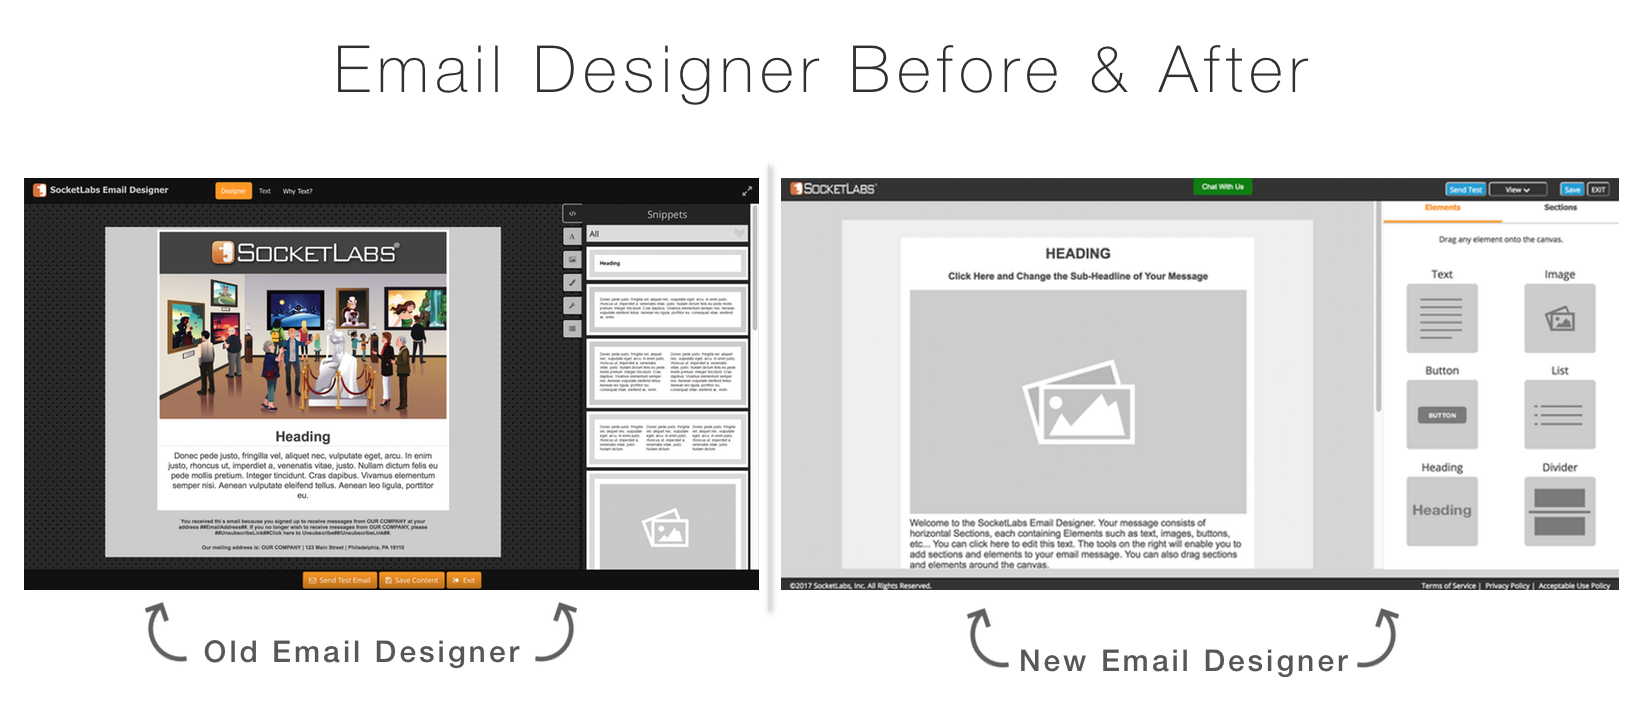 Email Designer Before & After